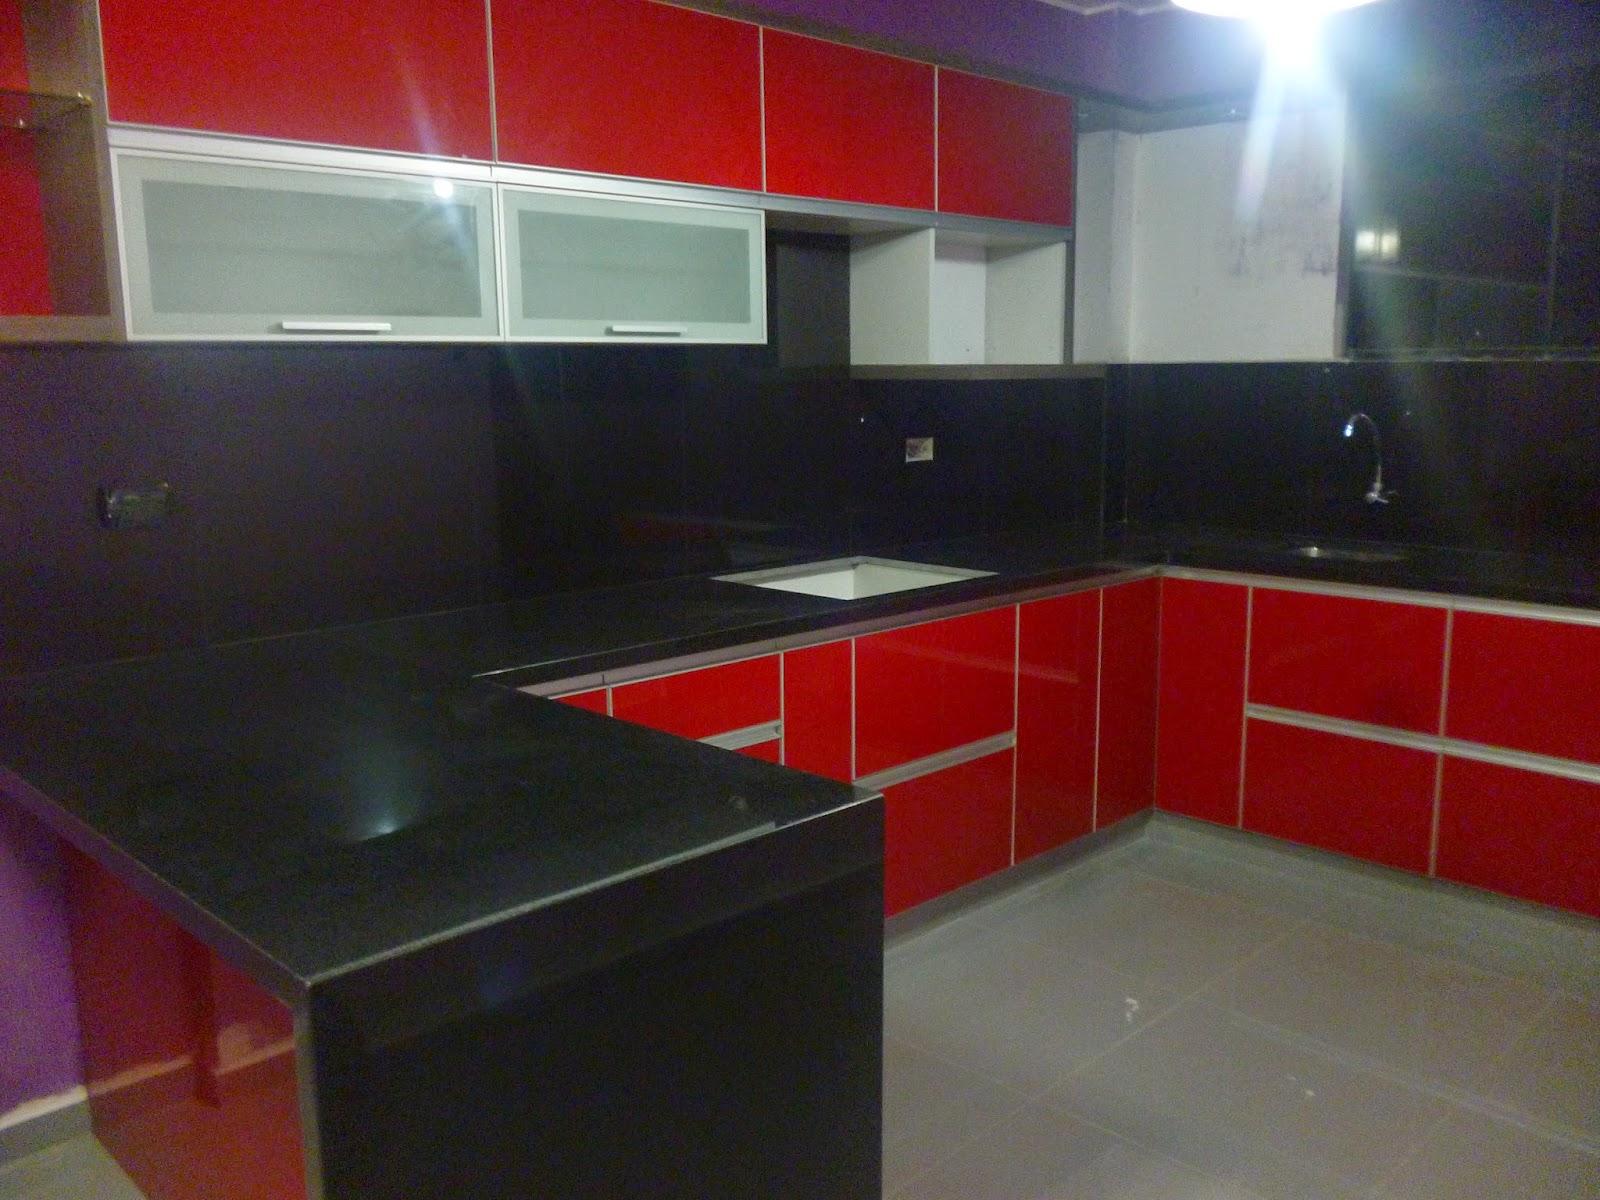 Dise ados organiza tu espacio cocina moderna con puertas for Marmol negro para cocina